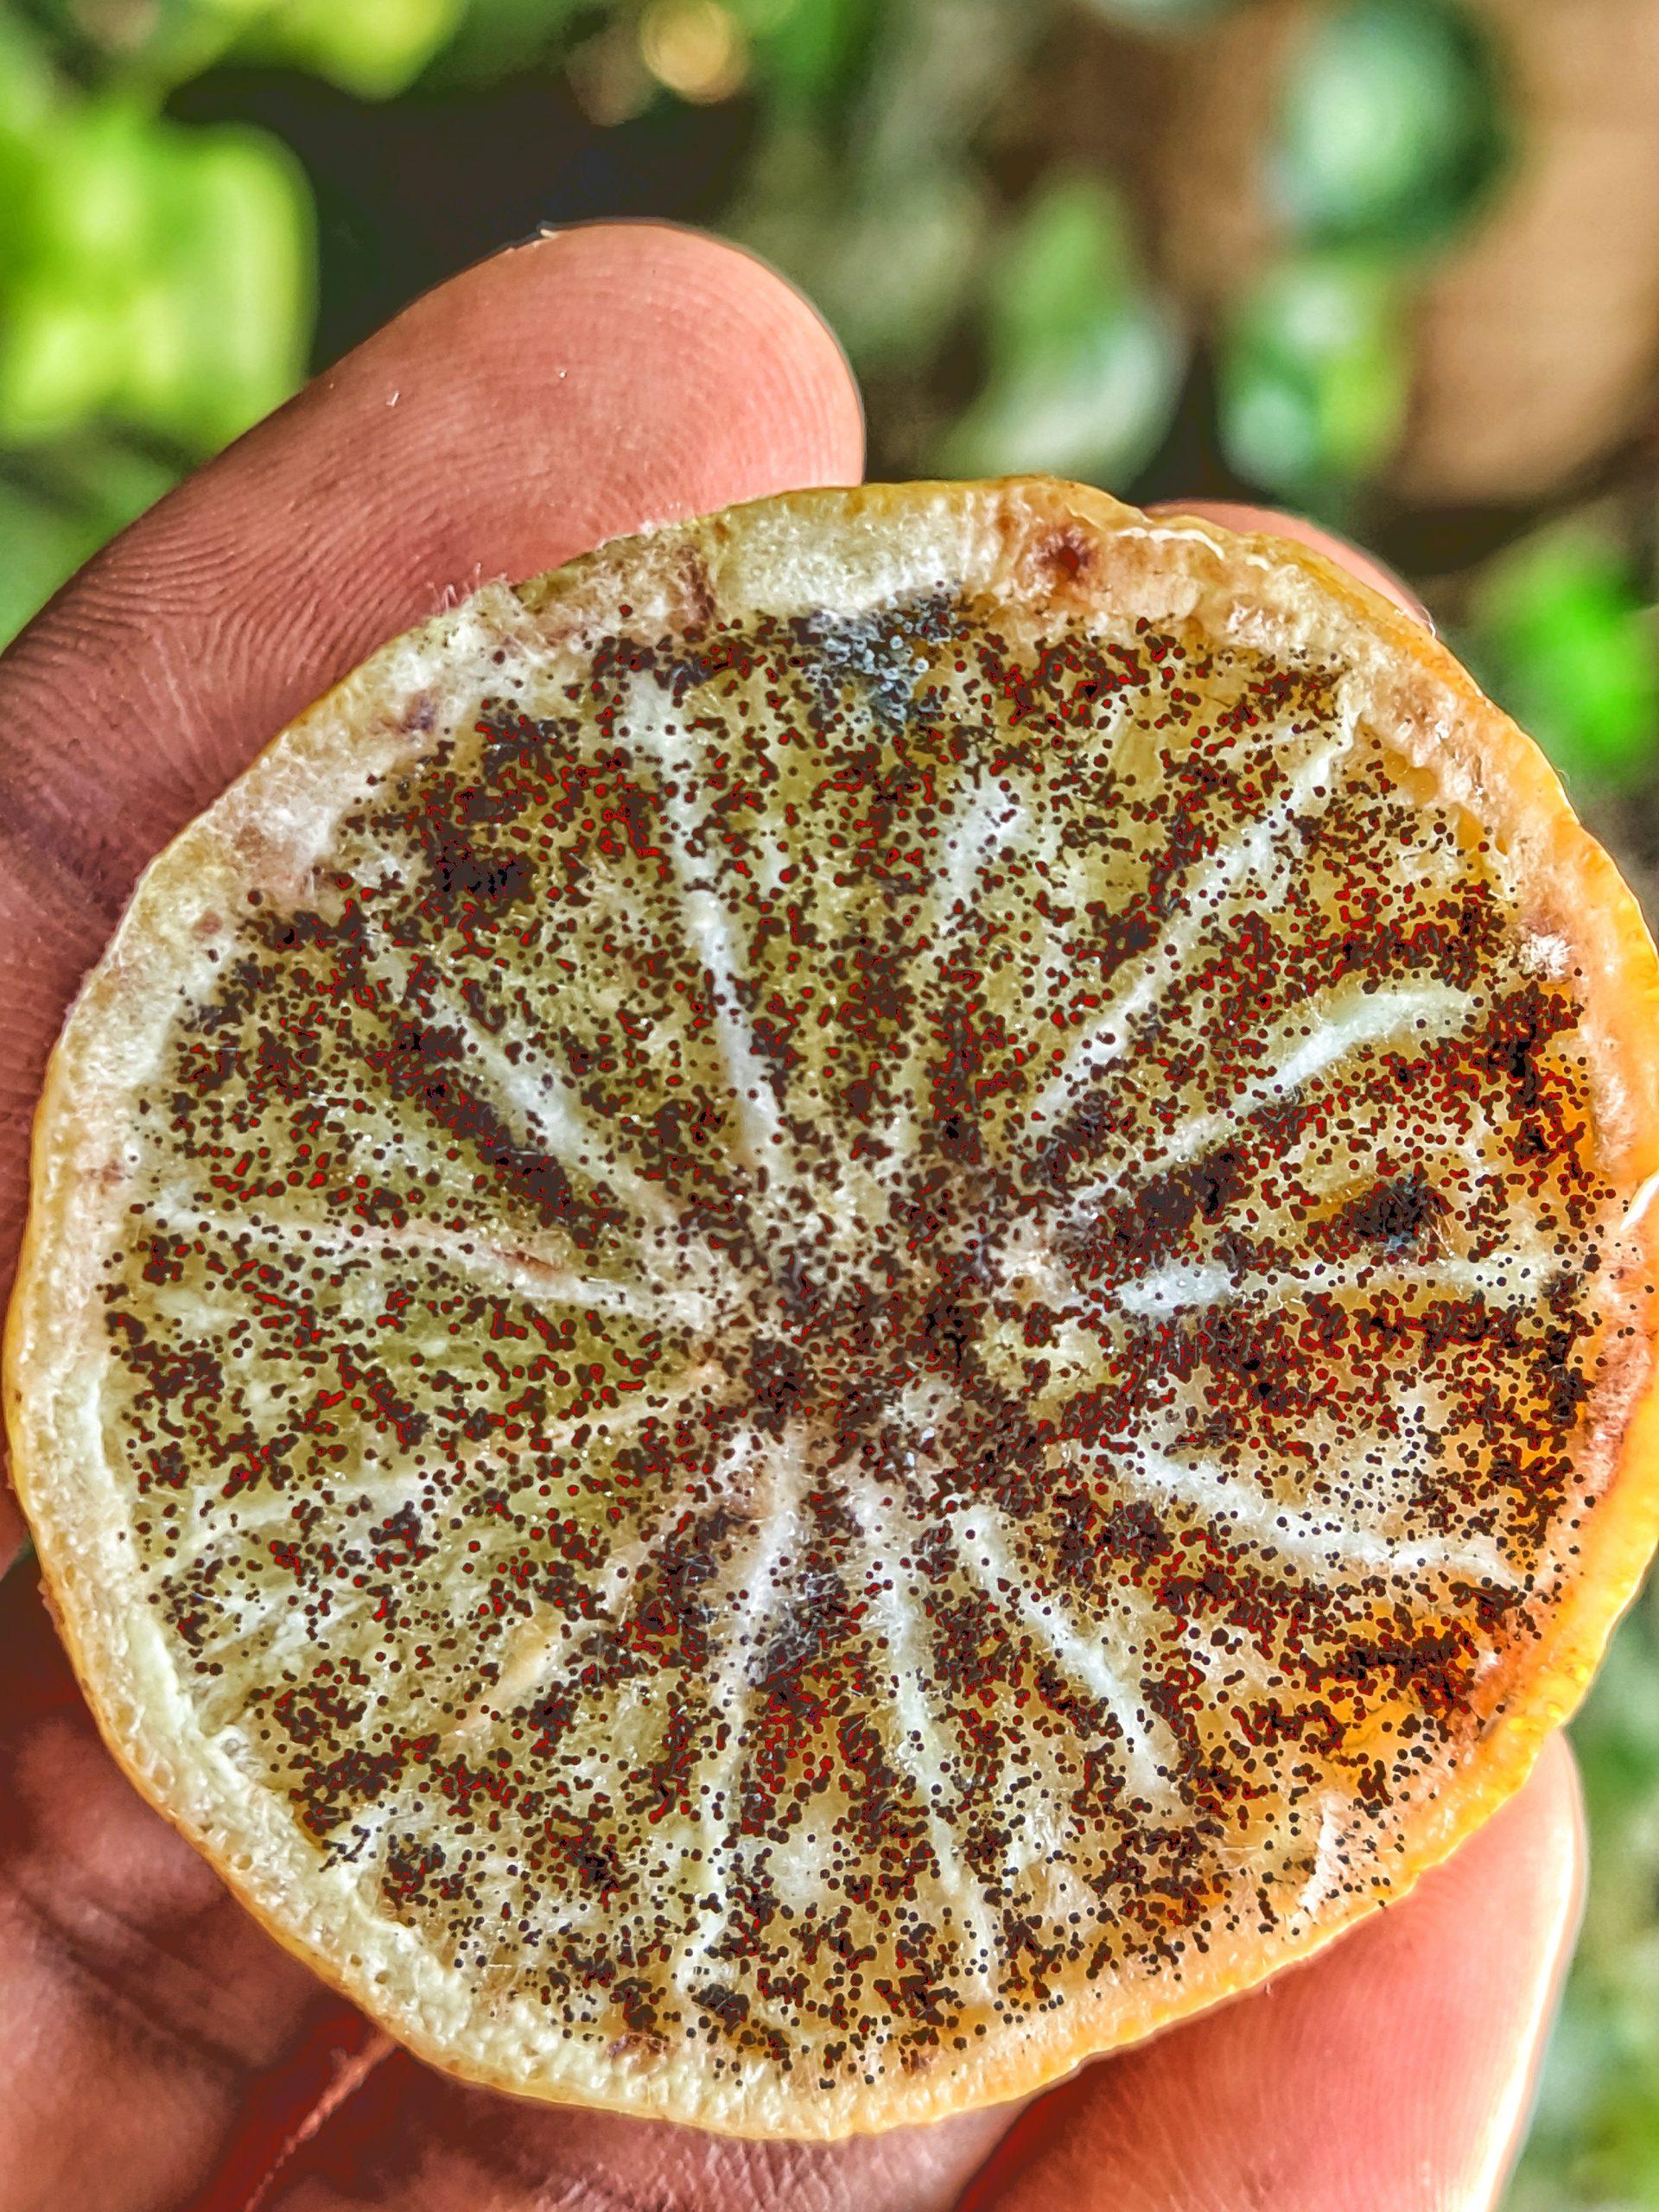 A faded lemon